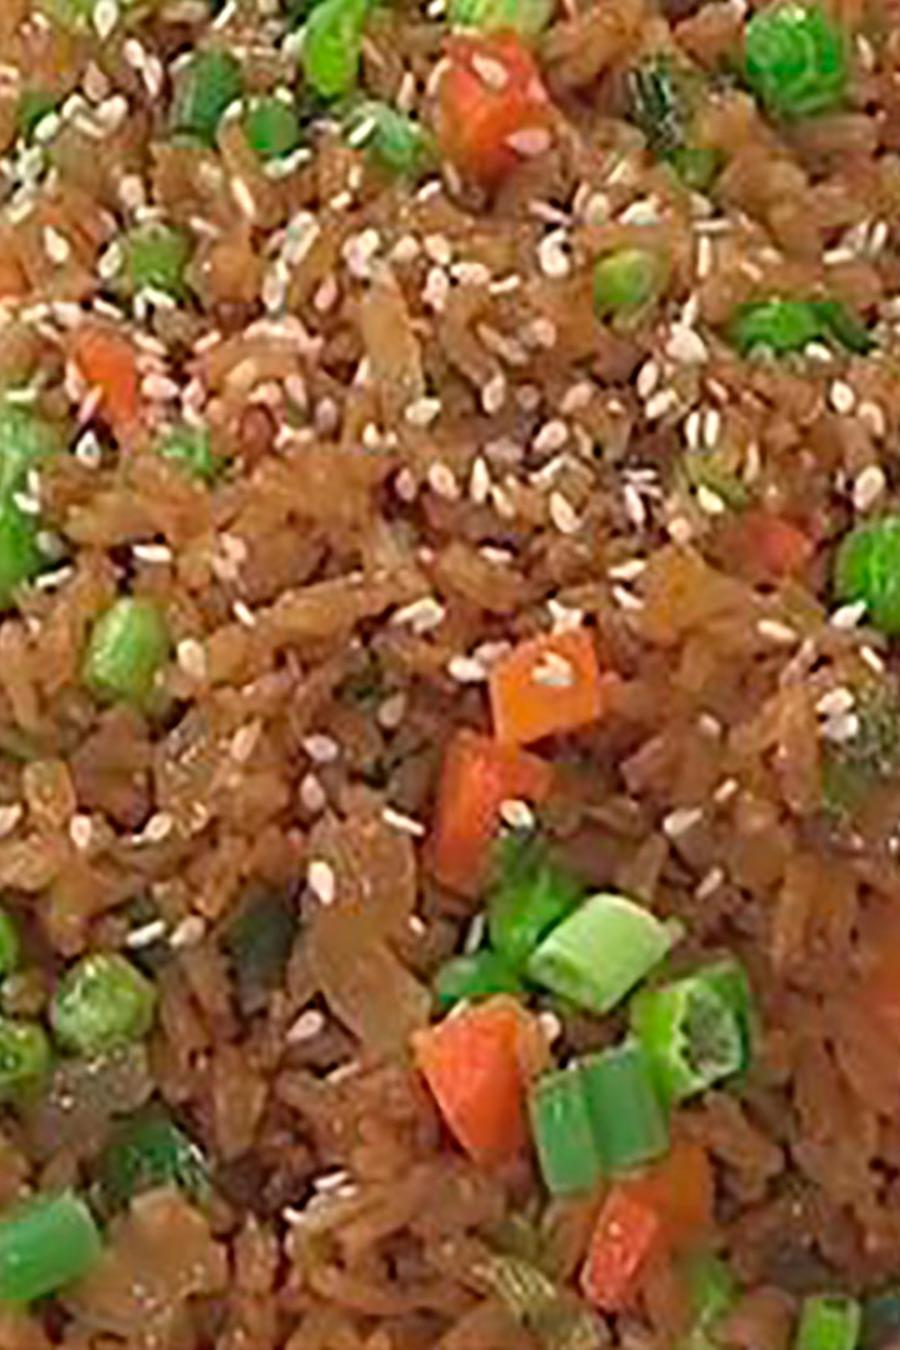 Recetas de cocina: Descubre cómo hacer un Arroz Chino vegetariano y bajo en calorías